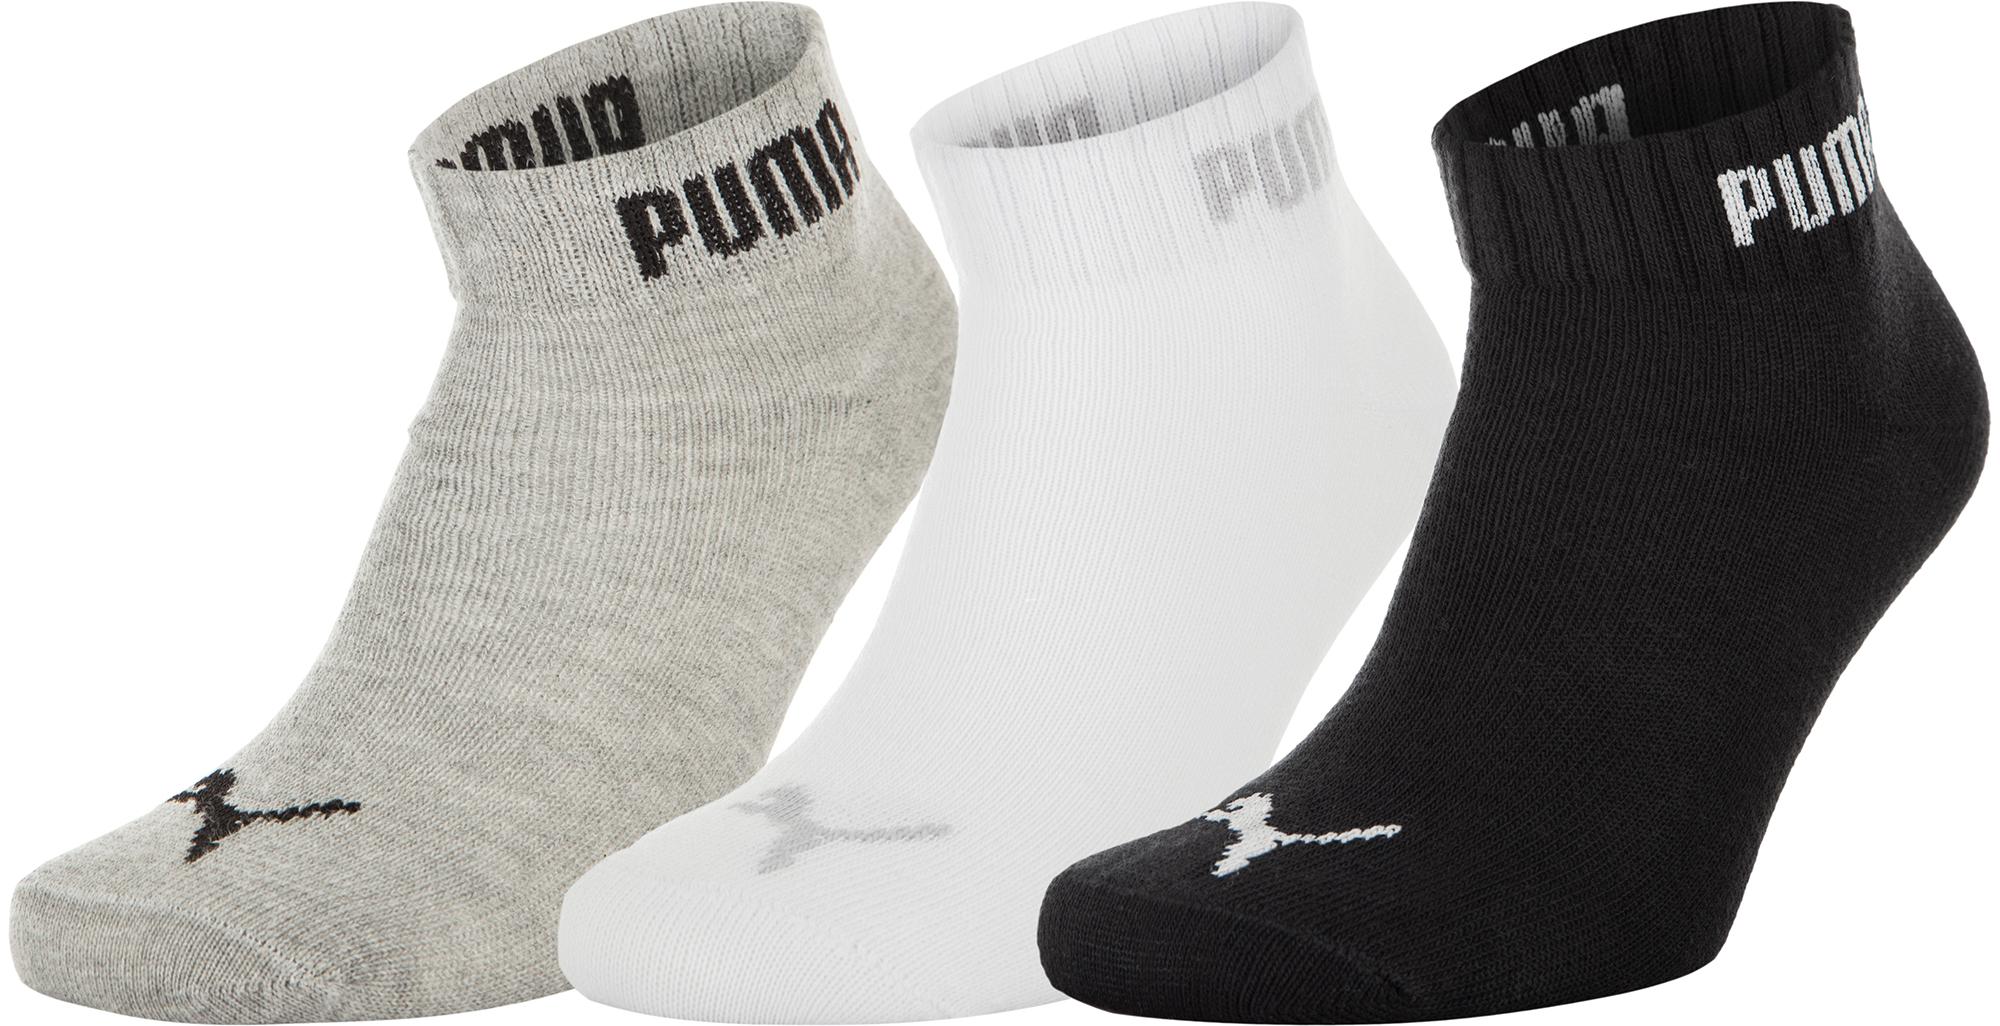 Puma Носки Puma Quarter-V, 3 пары, размер 39-42 puma tx 3 filtered wn s